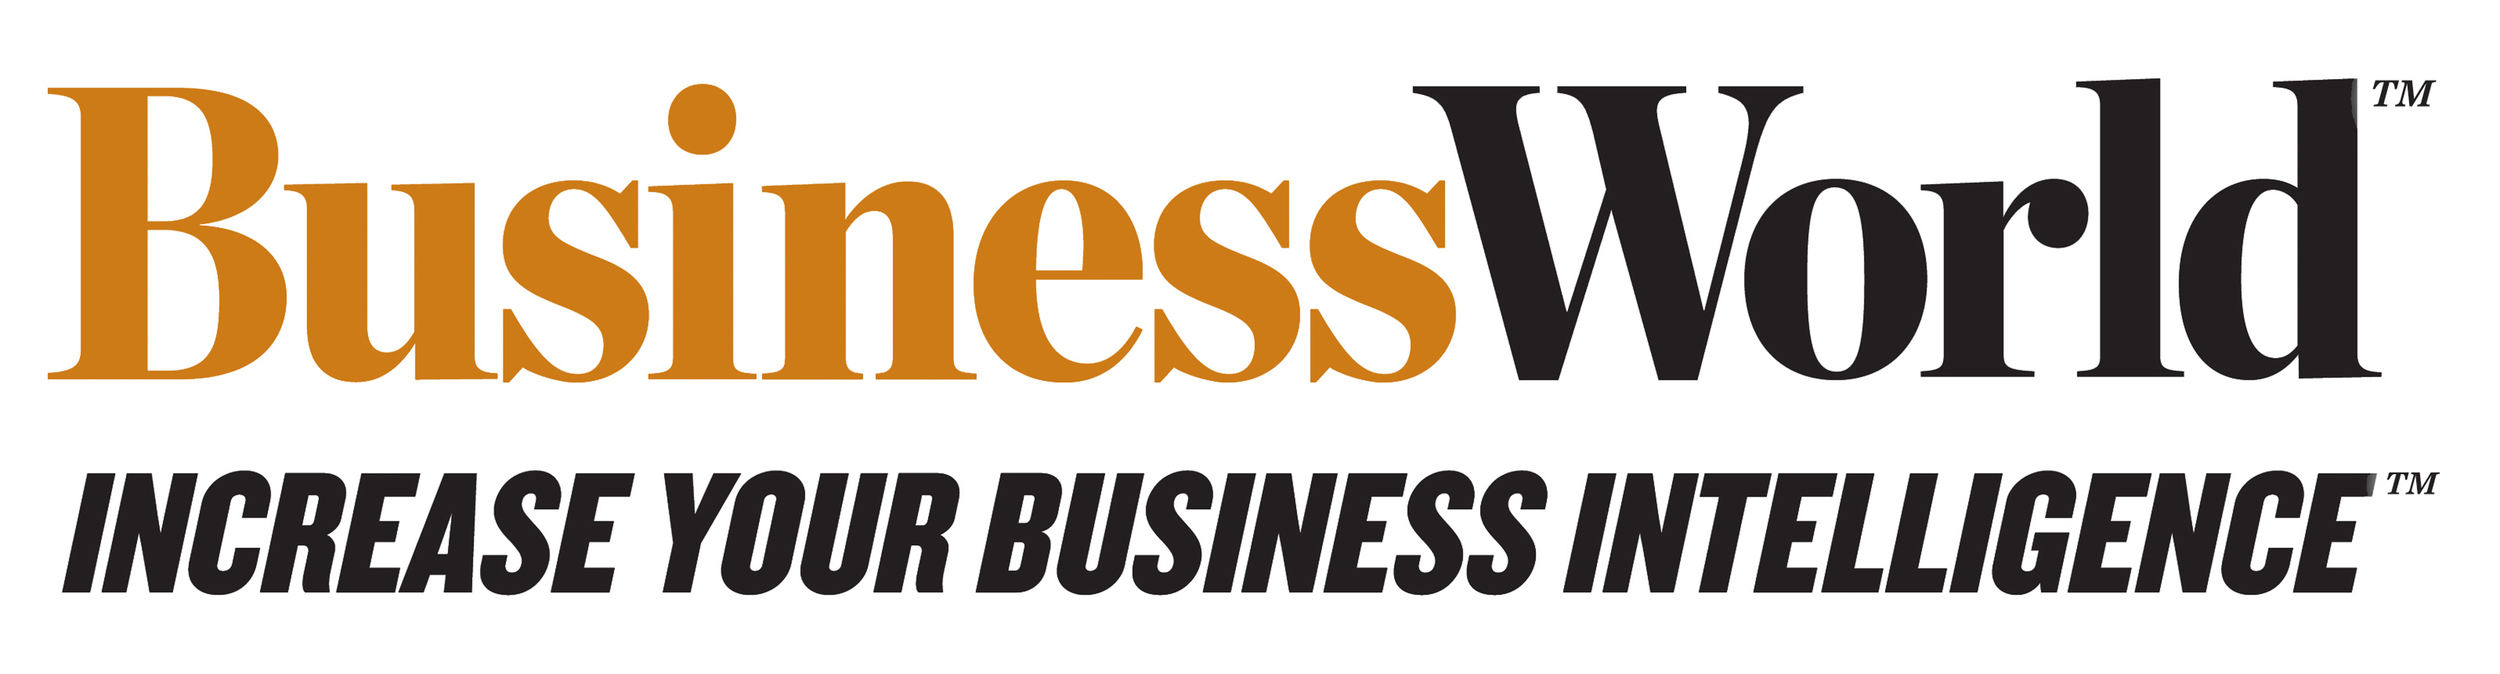 BusinessWorld Logo Hi-res.jpg